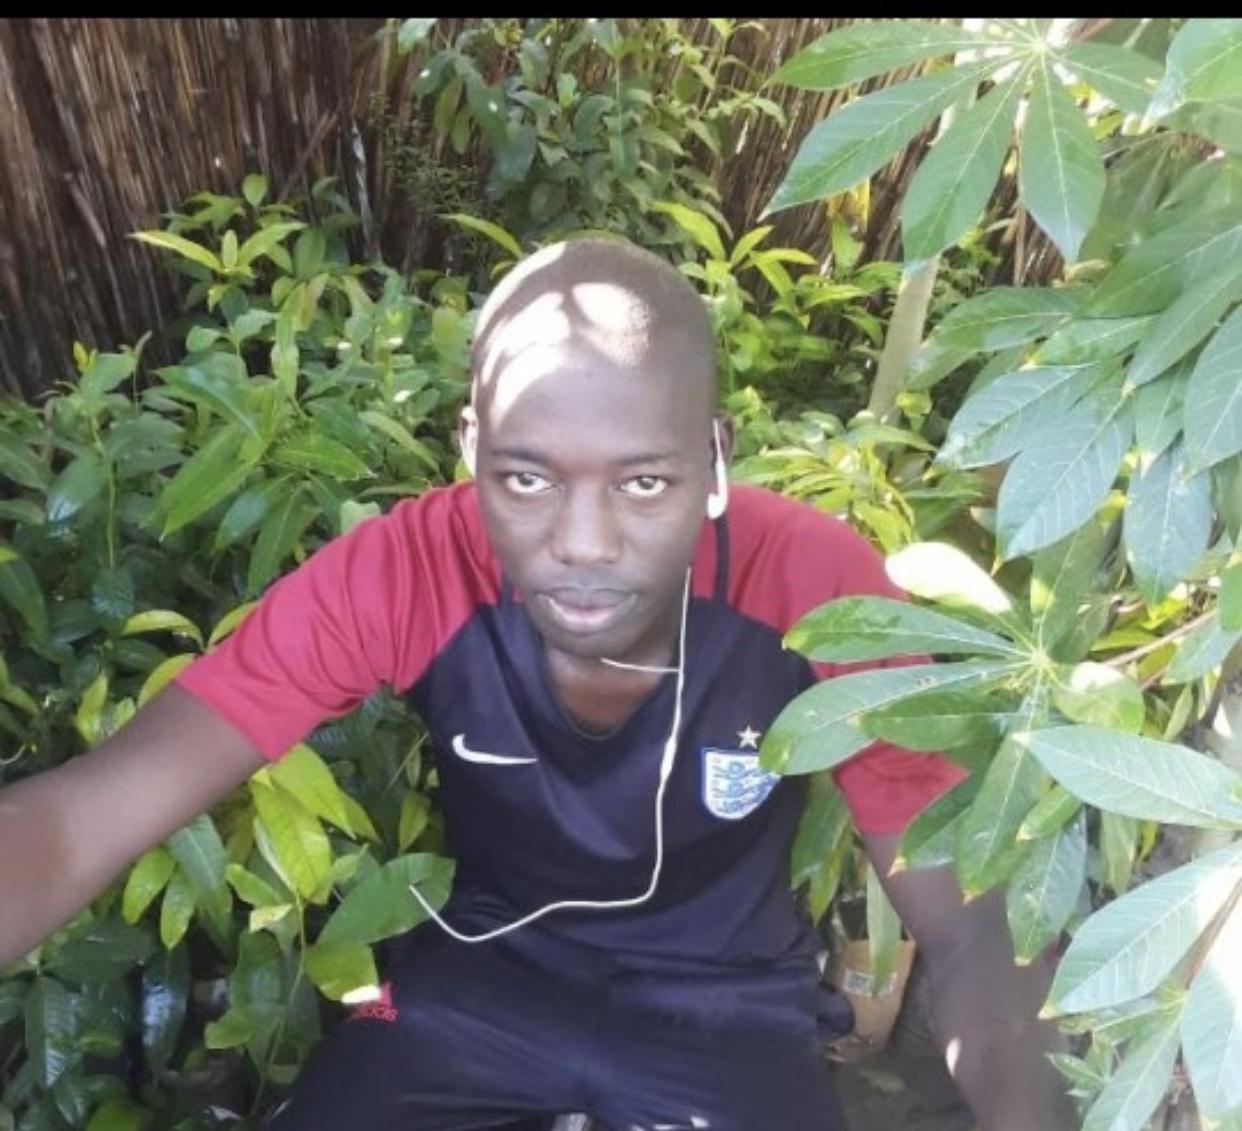 Disparition de l'enseignant Djimba Ndiaye :  « Nous demandons au chef de l'État d'engager des moyens pour le retrouver sain et sauf… Tout le monde est dans l'émoi et la  tristesse… » (Mbaye Sarr, SG du SADEF)